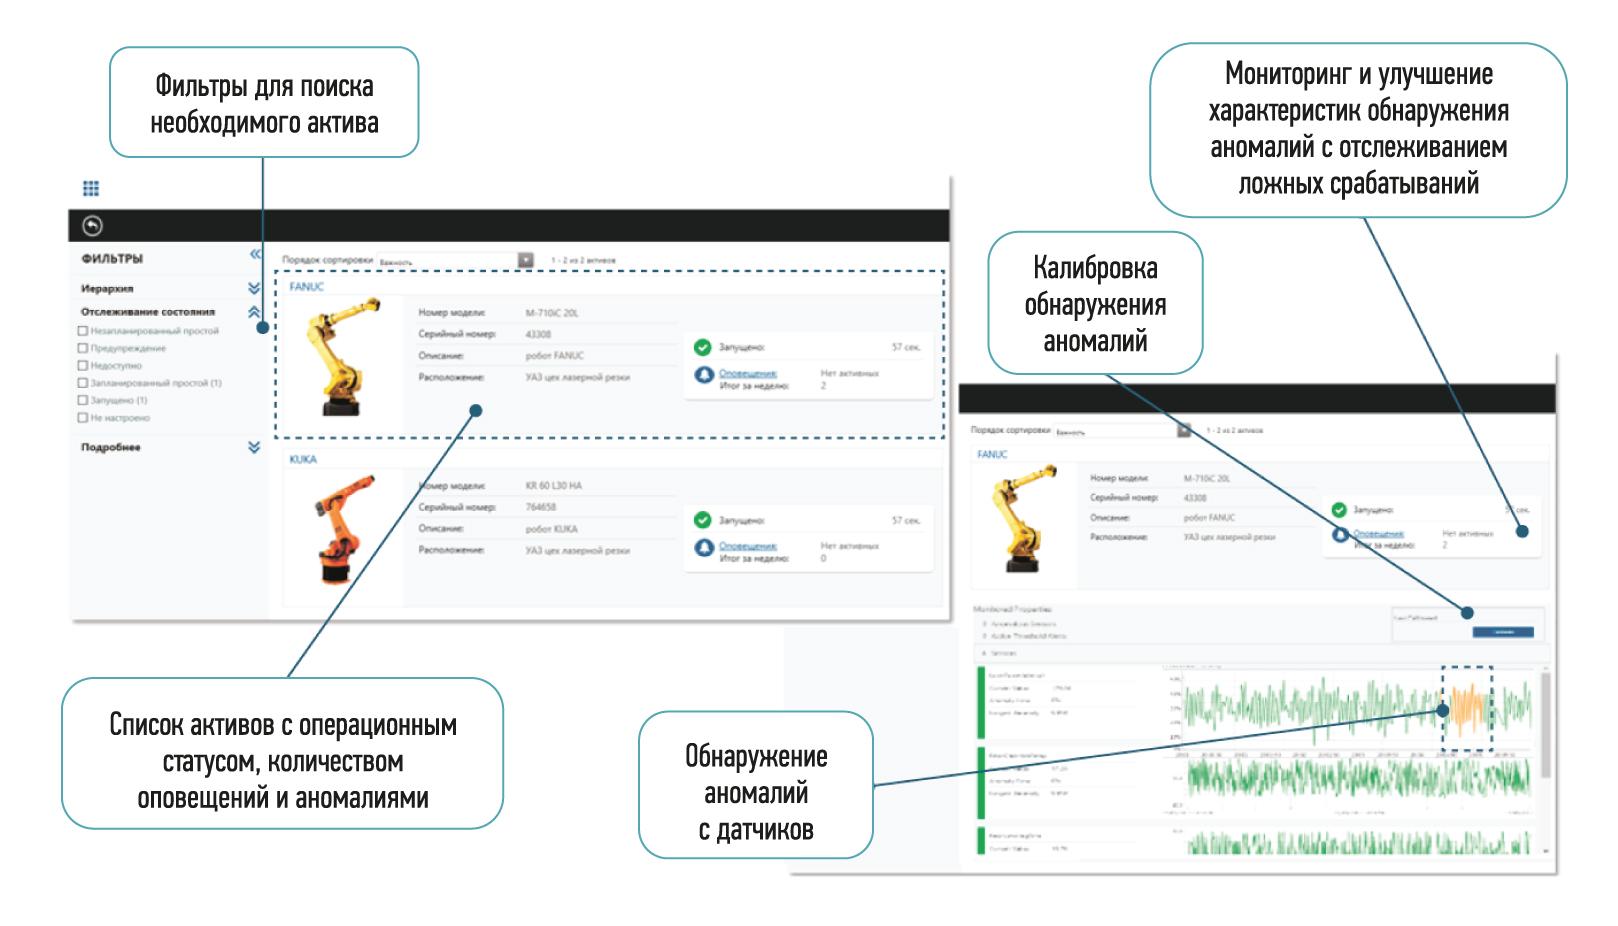 IIoT и предиктивная аналитика